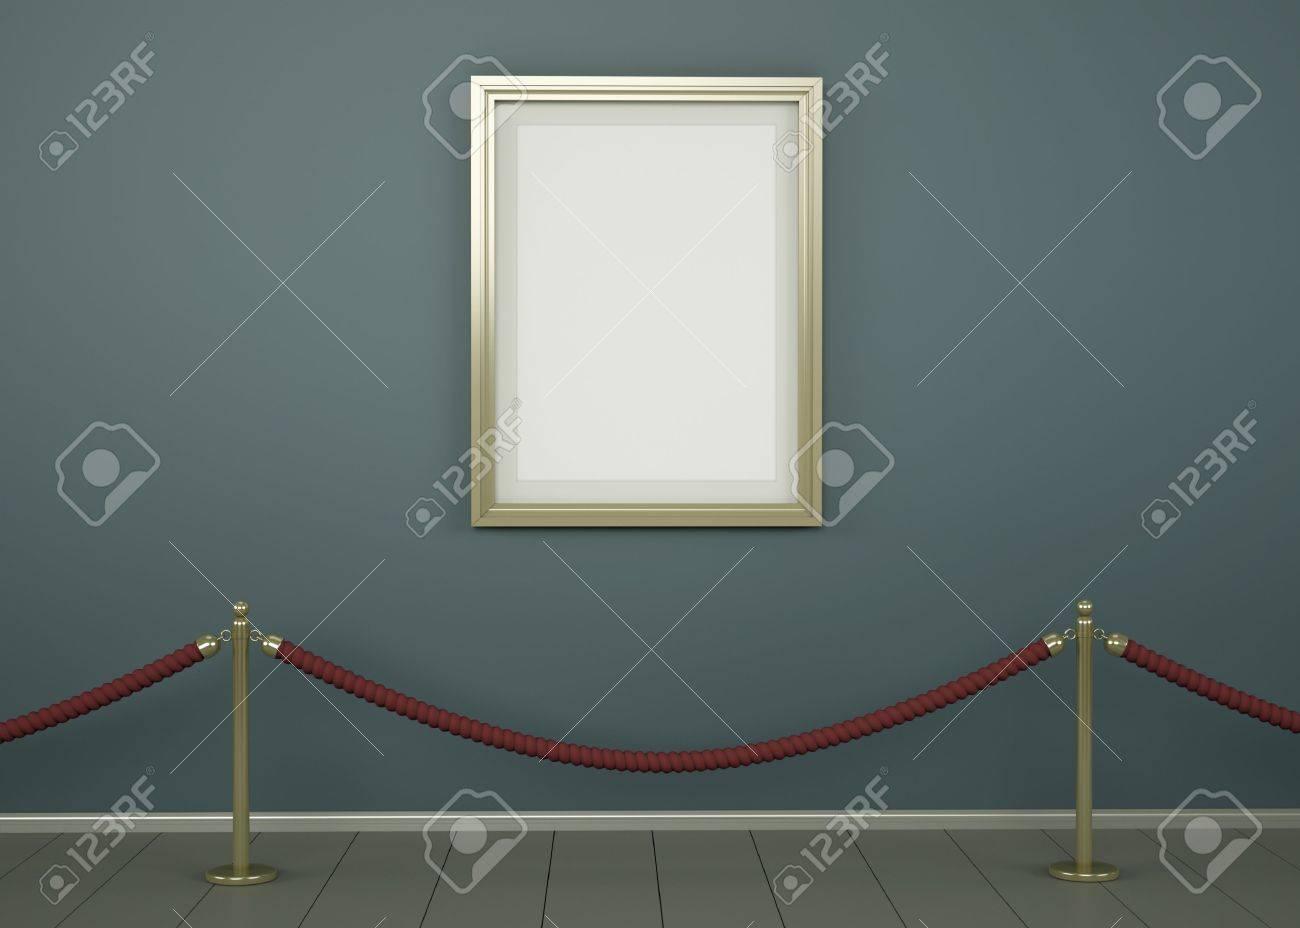 Imagen En Blanco Con Marco De Oro En Una Galería. 3D Procesa La ...